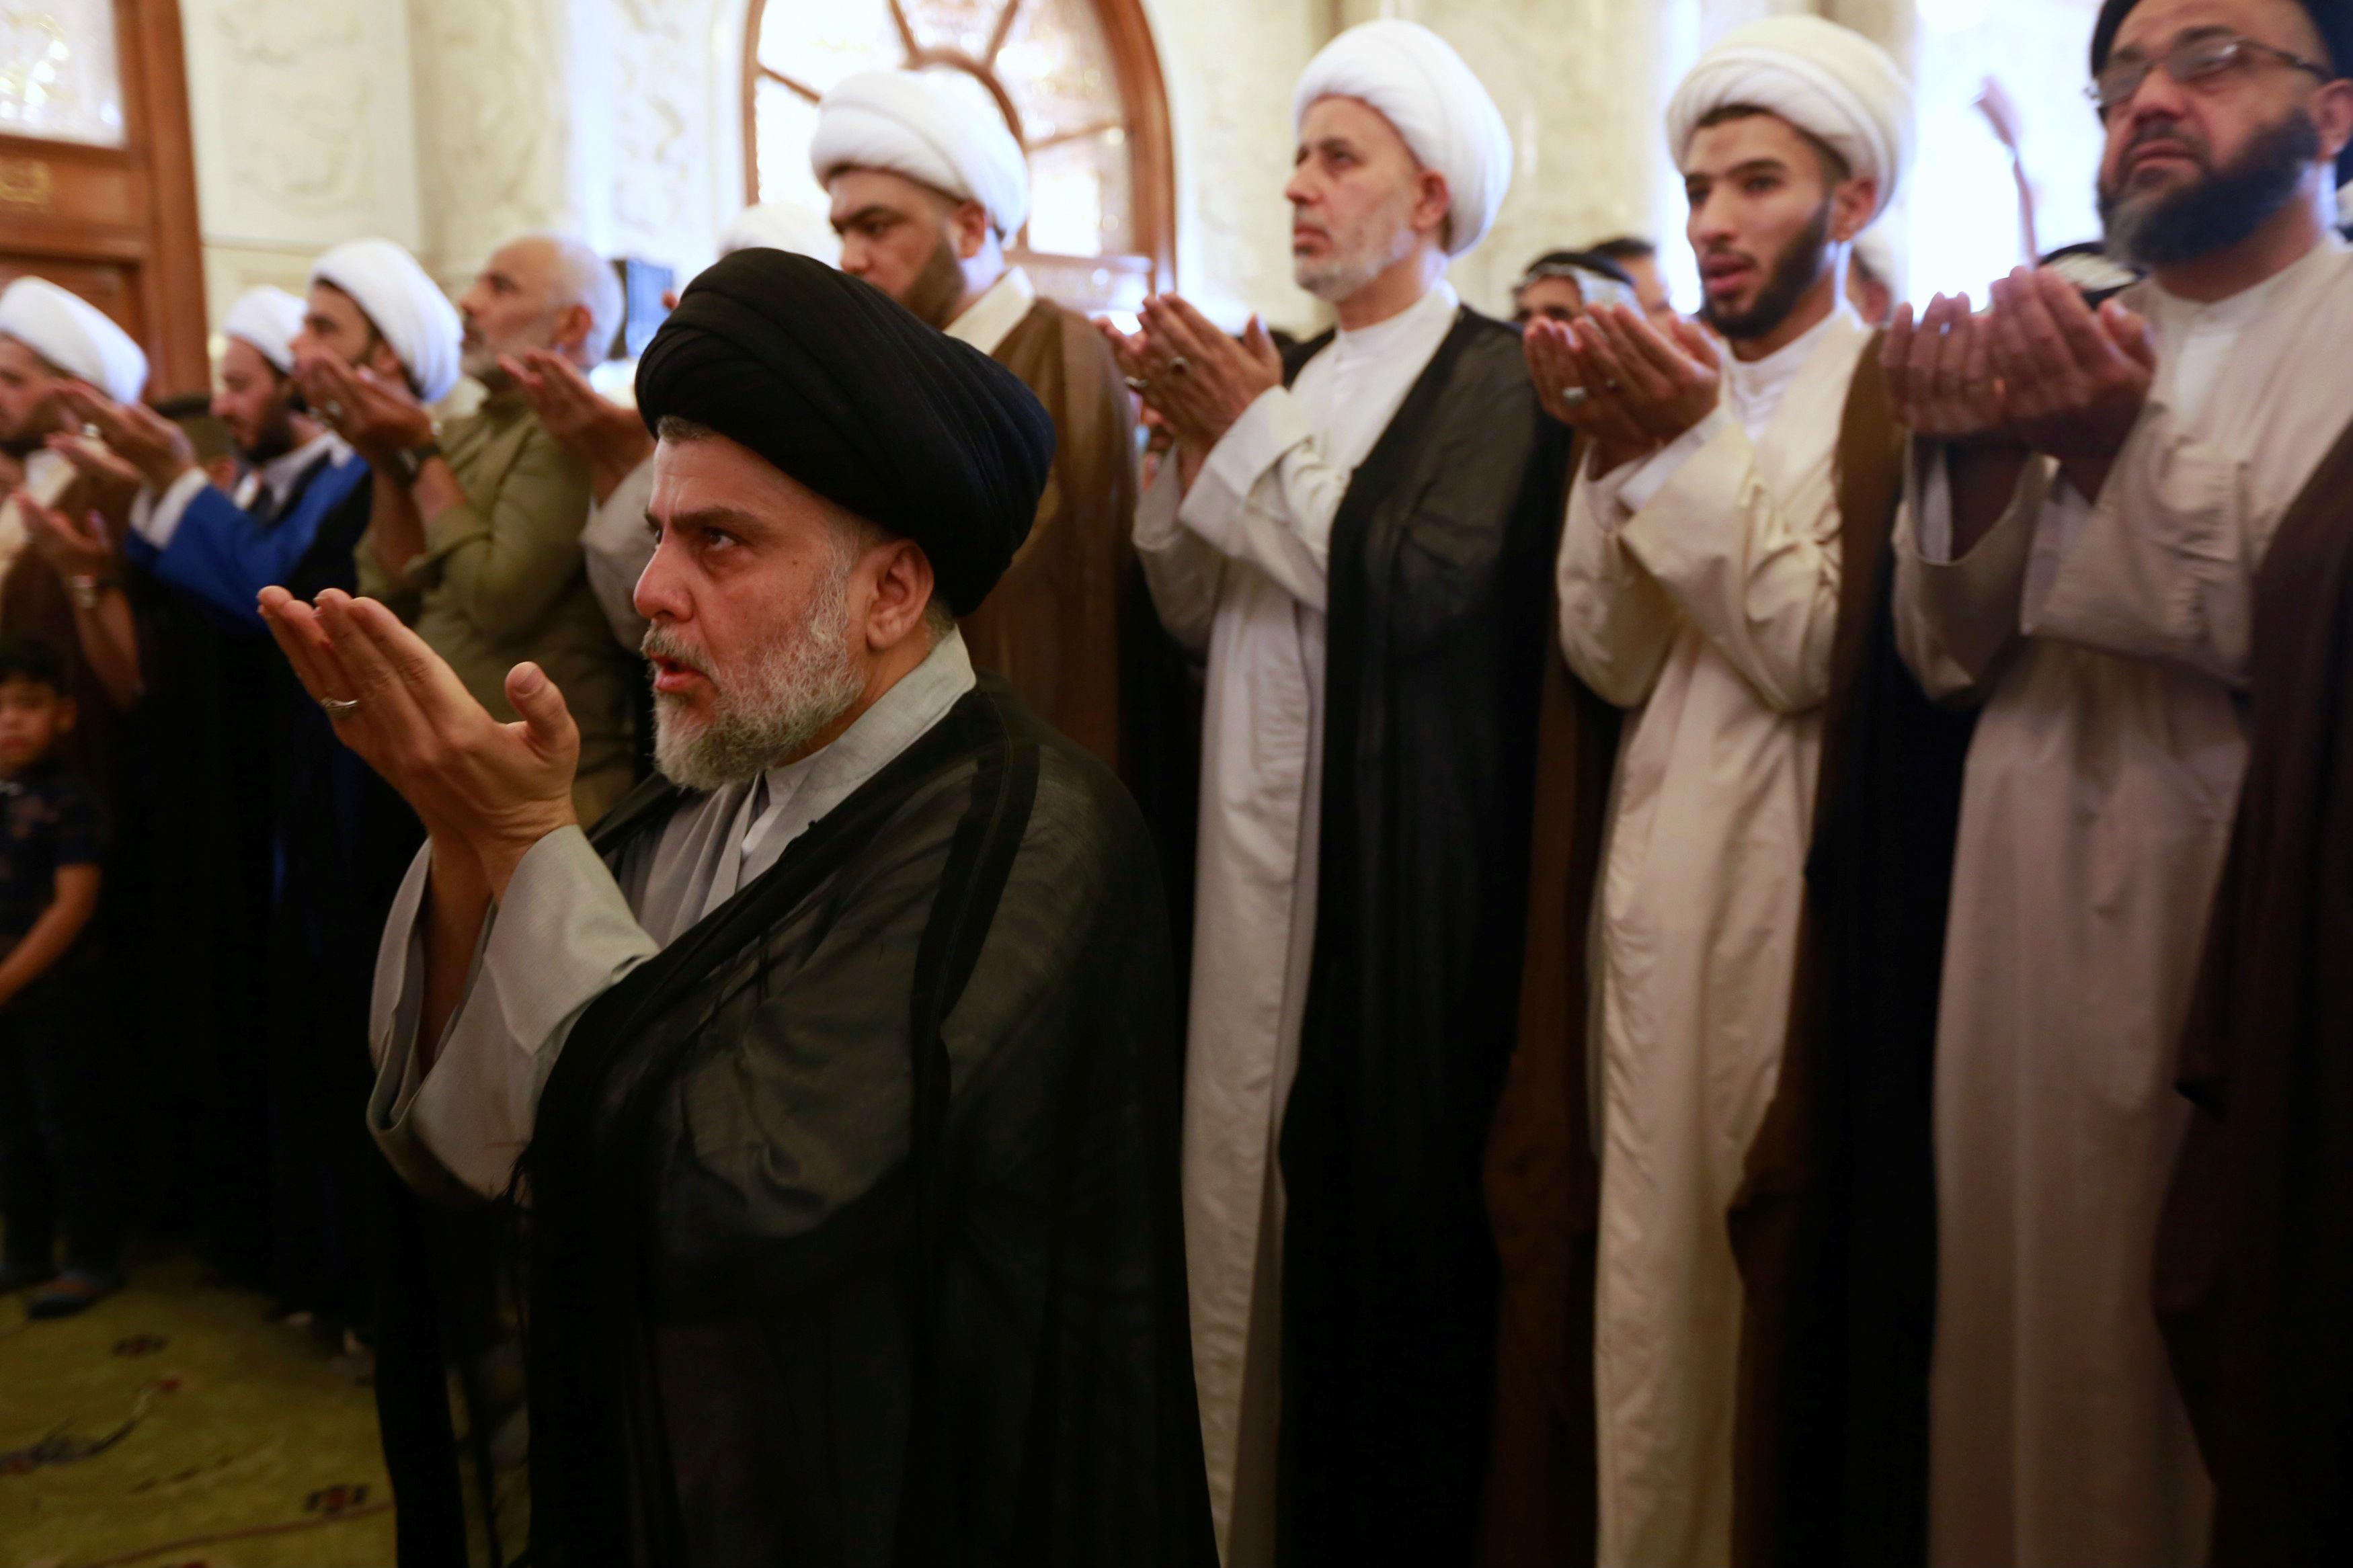 Muqtada al-Sadr performs Eid al-Fitr prayers marking the end of the fasting month of Ramadan at the Kufa Mosque near Najaf, Iraq (Reuters)